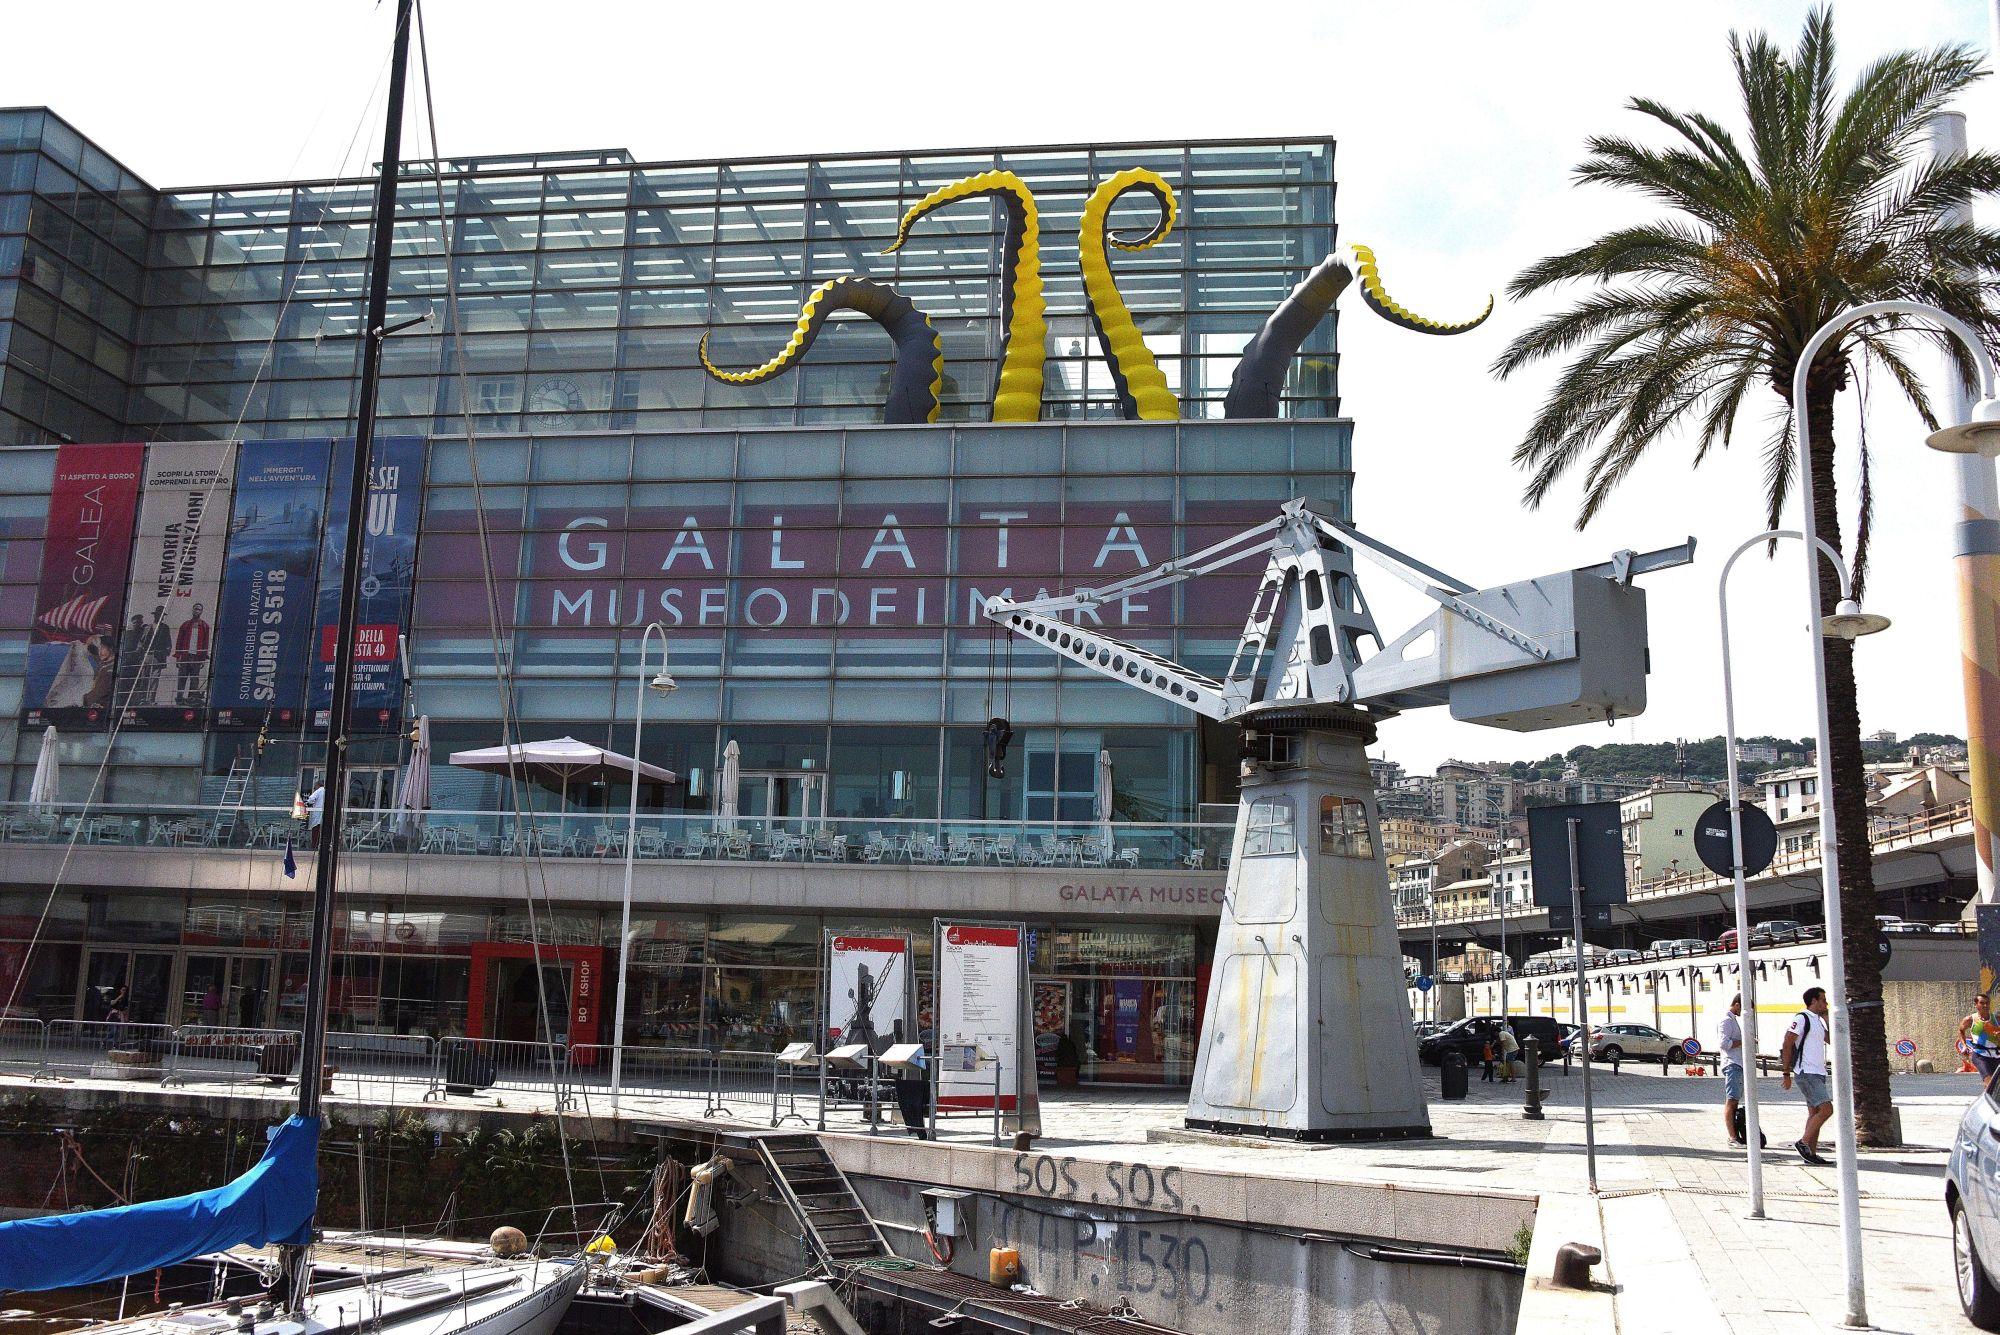 Genova: storie di mare, marinai e migranti al Galata Museo del Mare